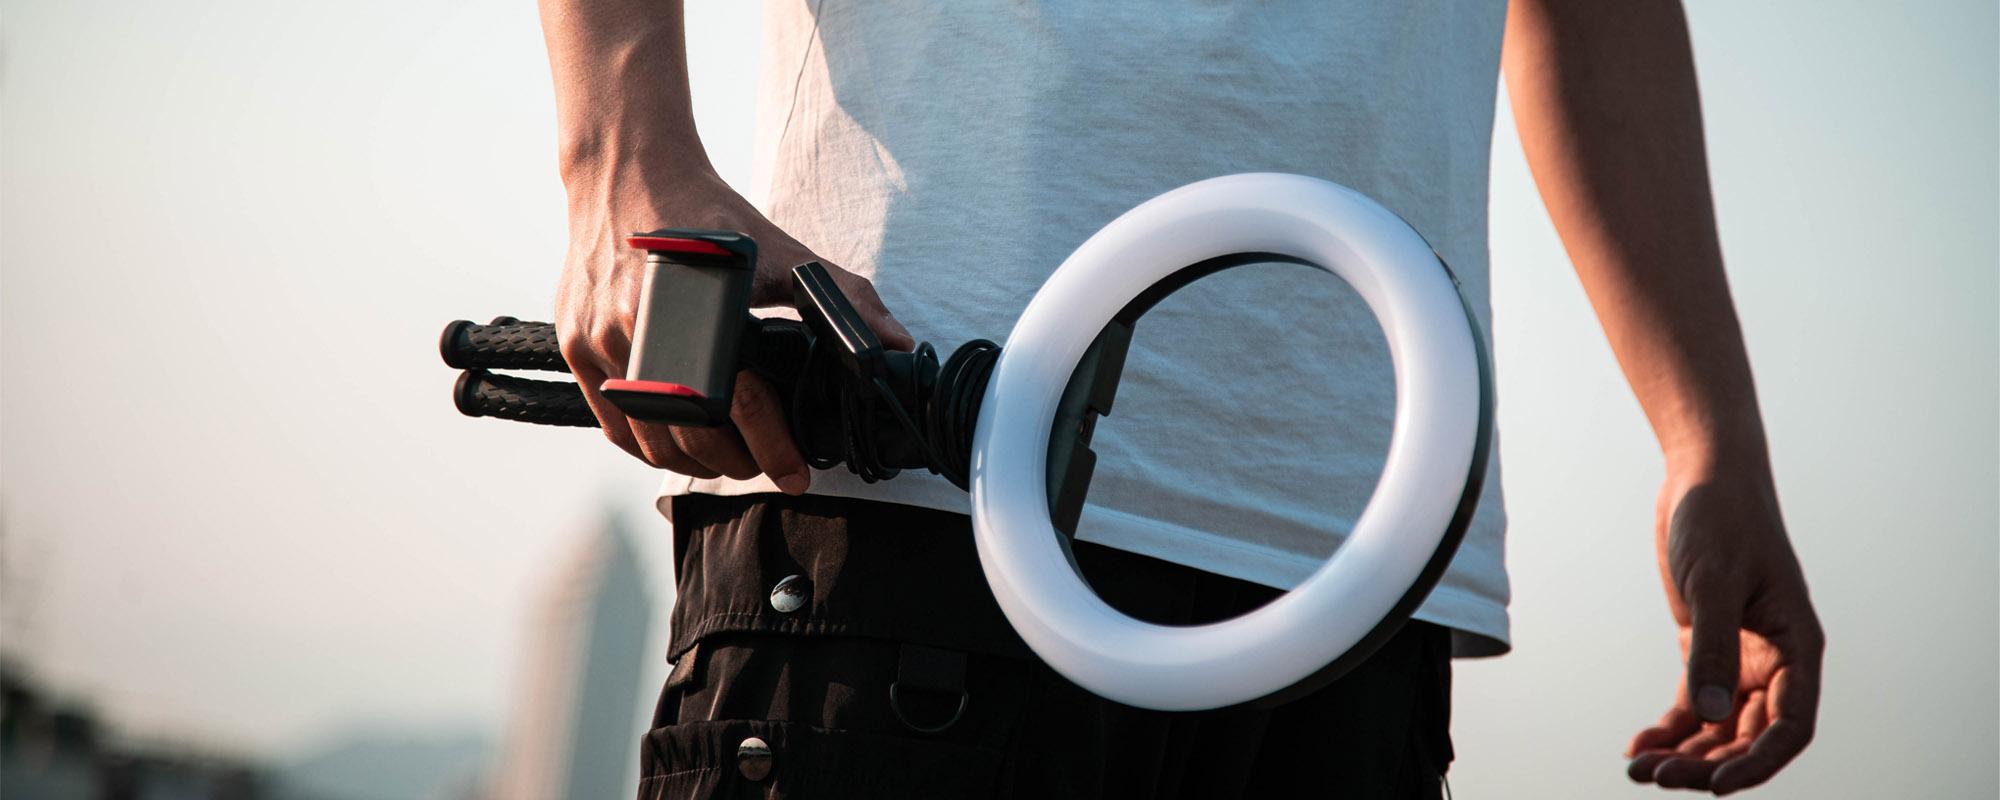 Grafika - Statyw elastyczny Fotopro Alien Pod (RM-80 + KII + SJ-86 + GA-1) - czarny_03.jpg